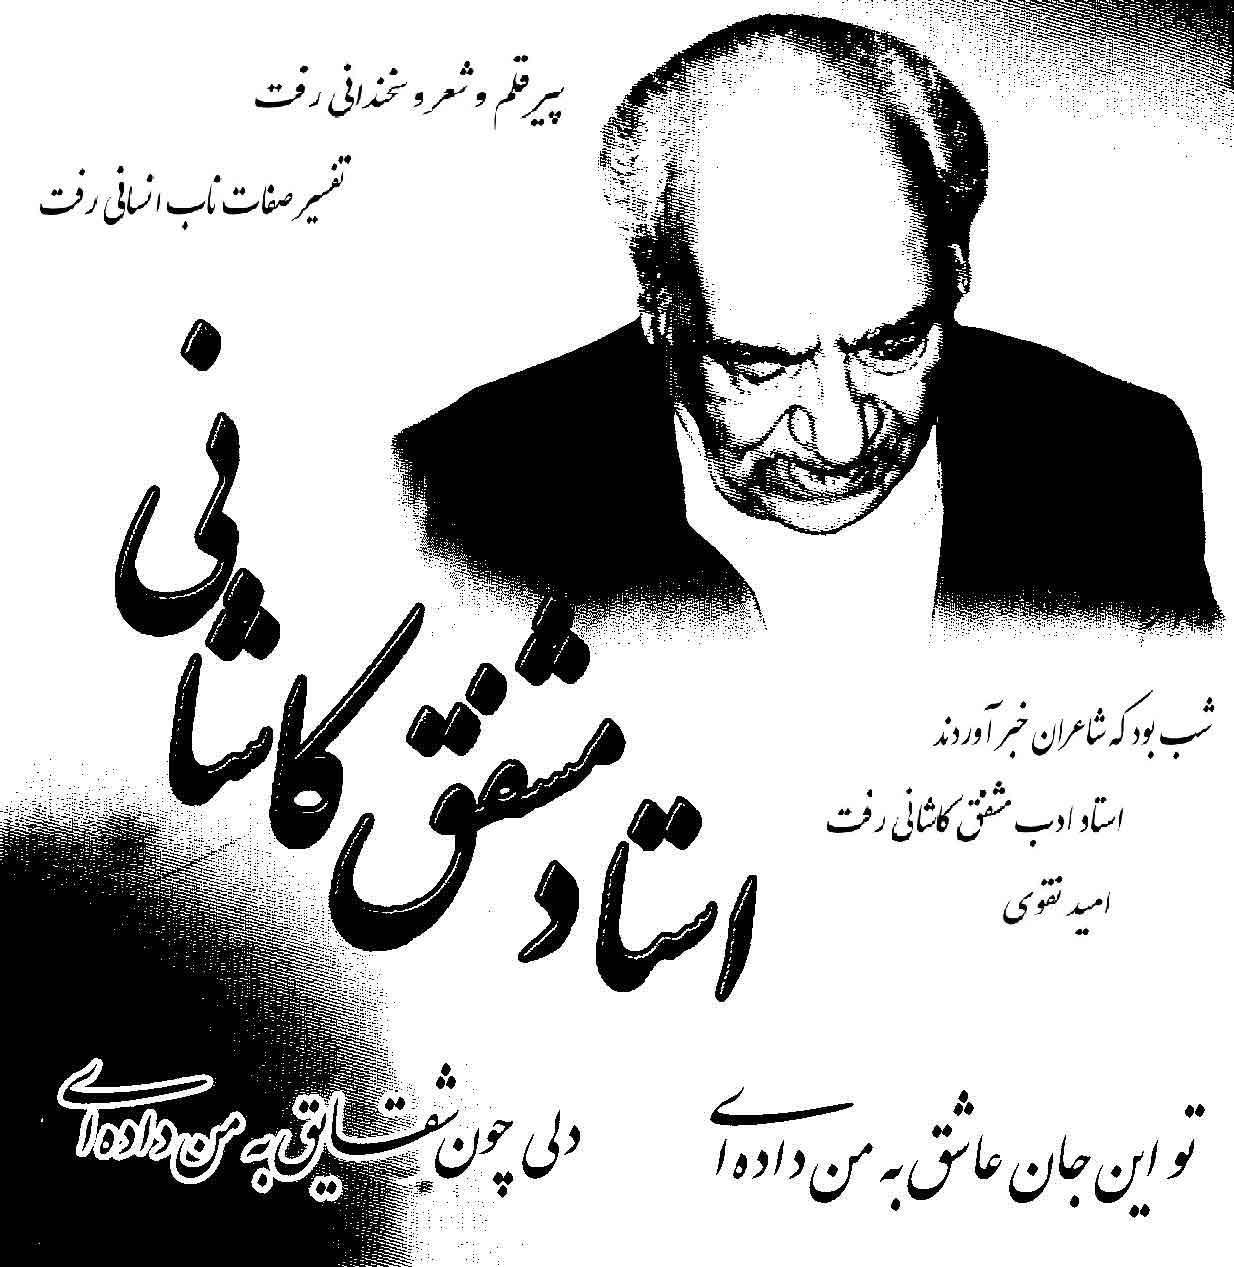 استاد مشفق کاشانی